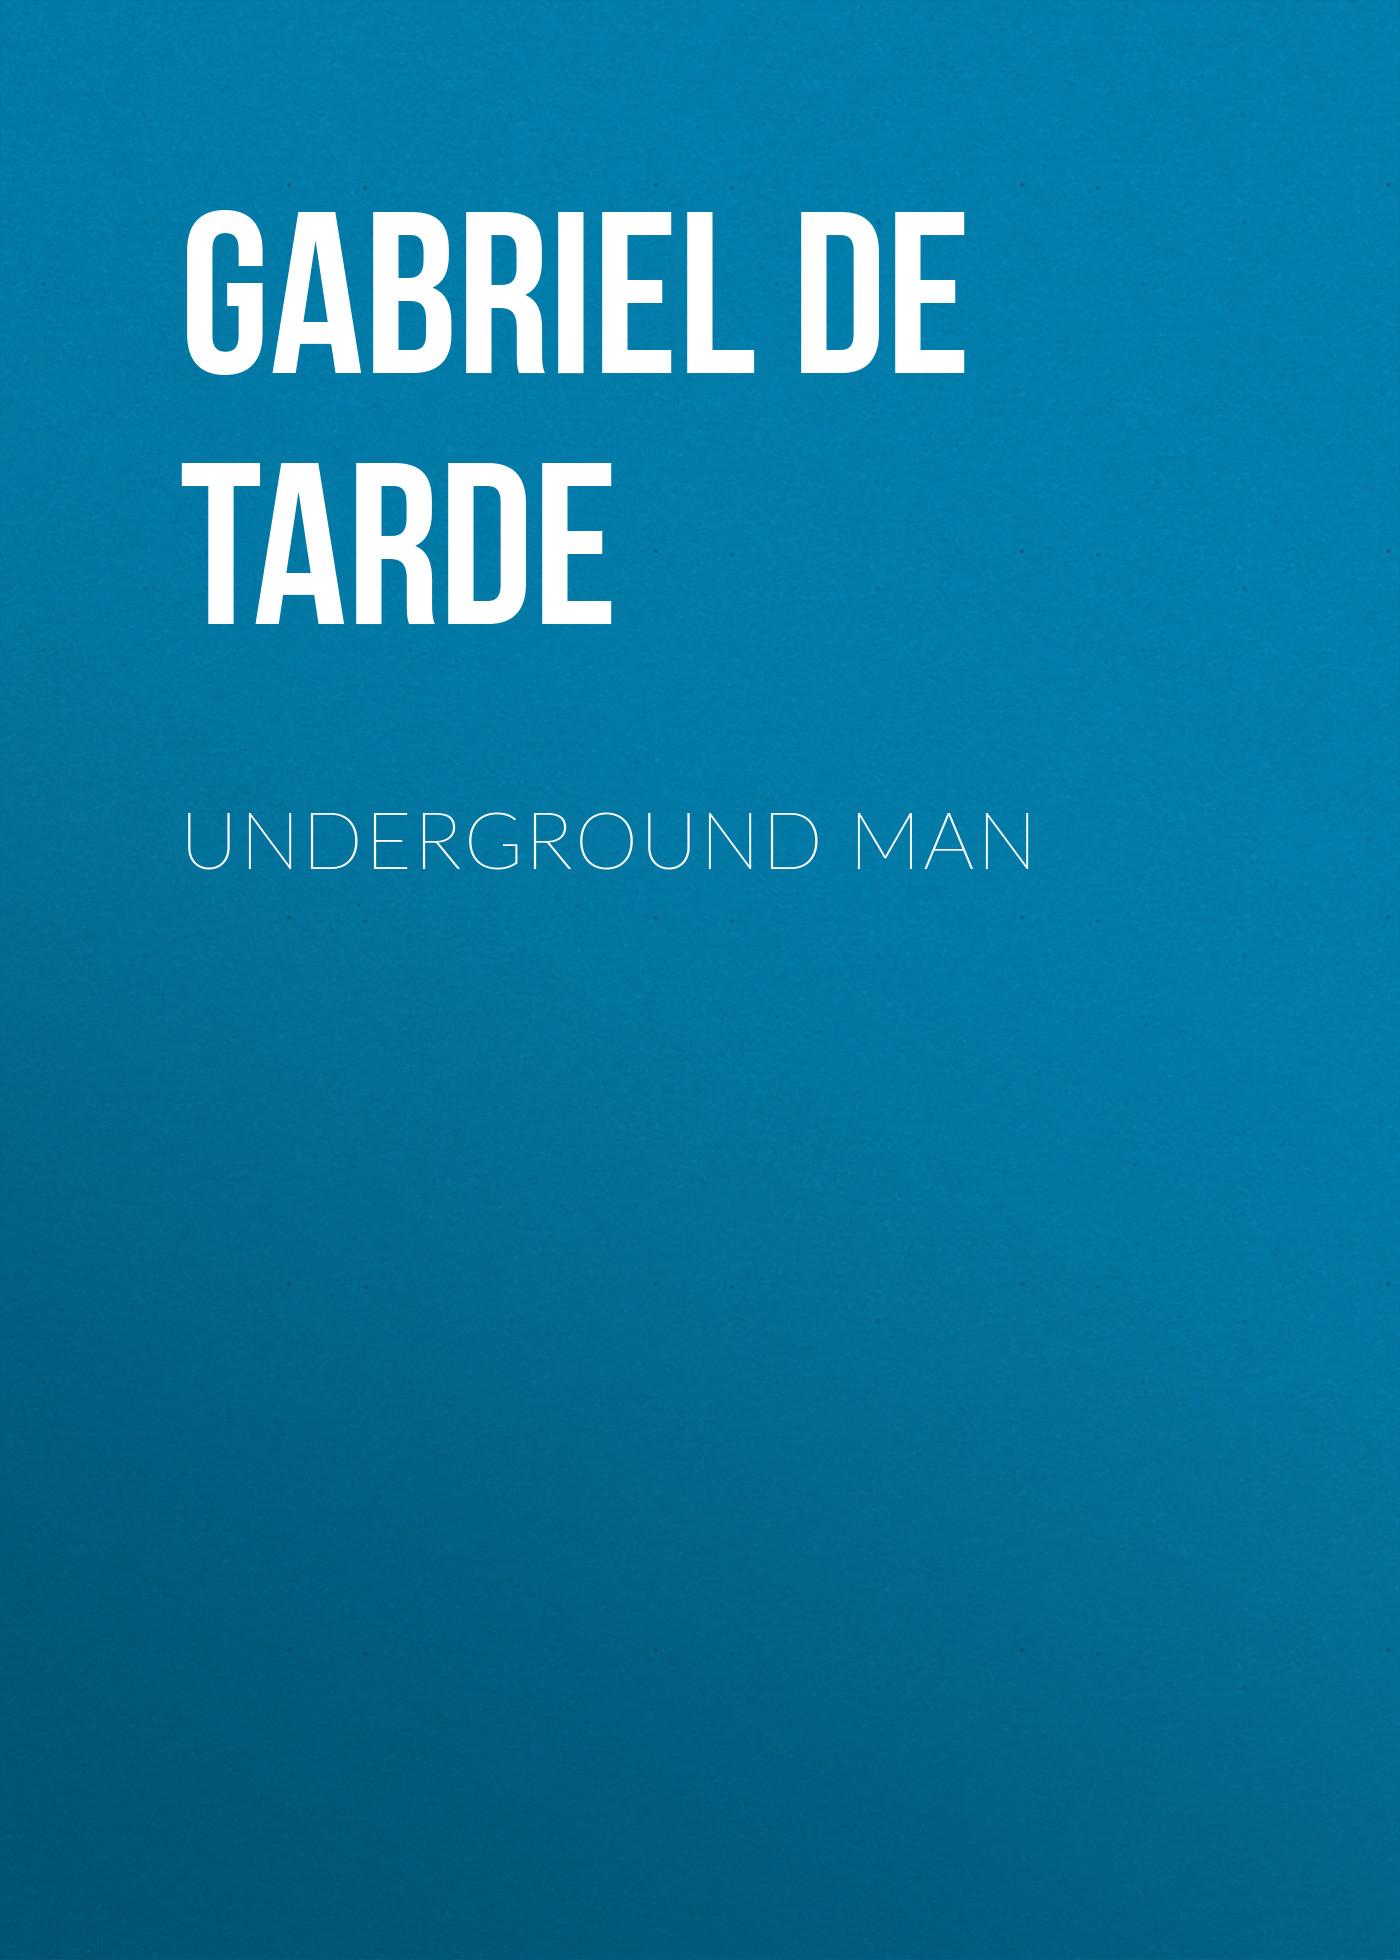 Gabriel de Tarde Underground Man the underground man